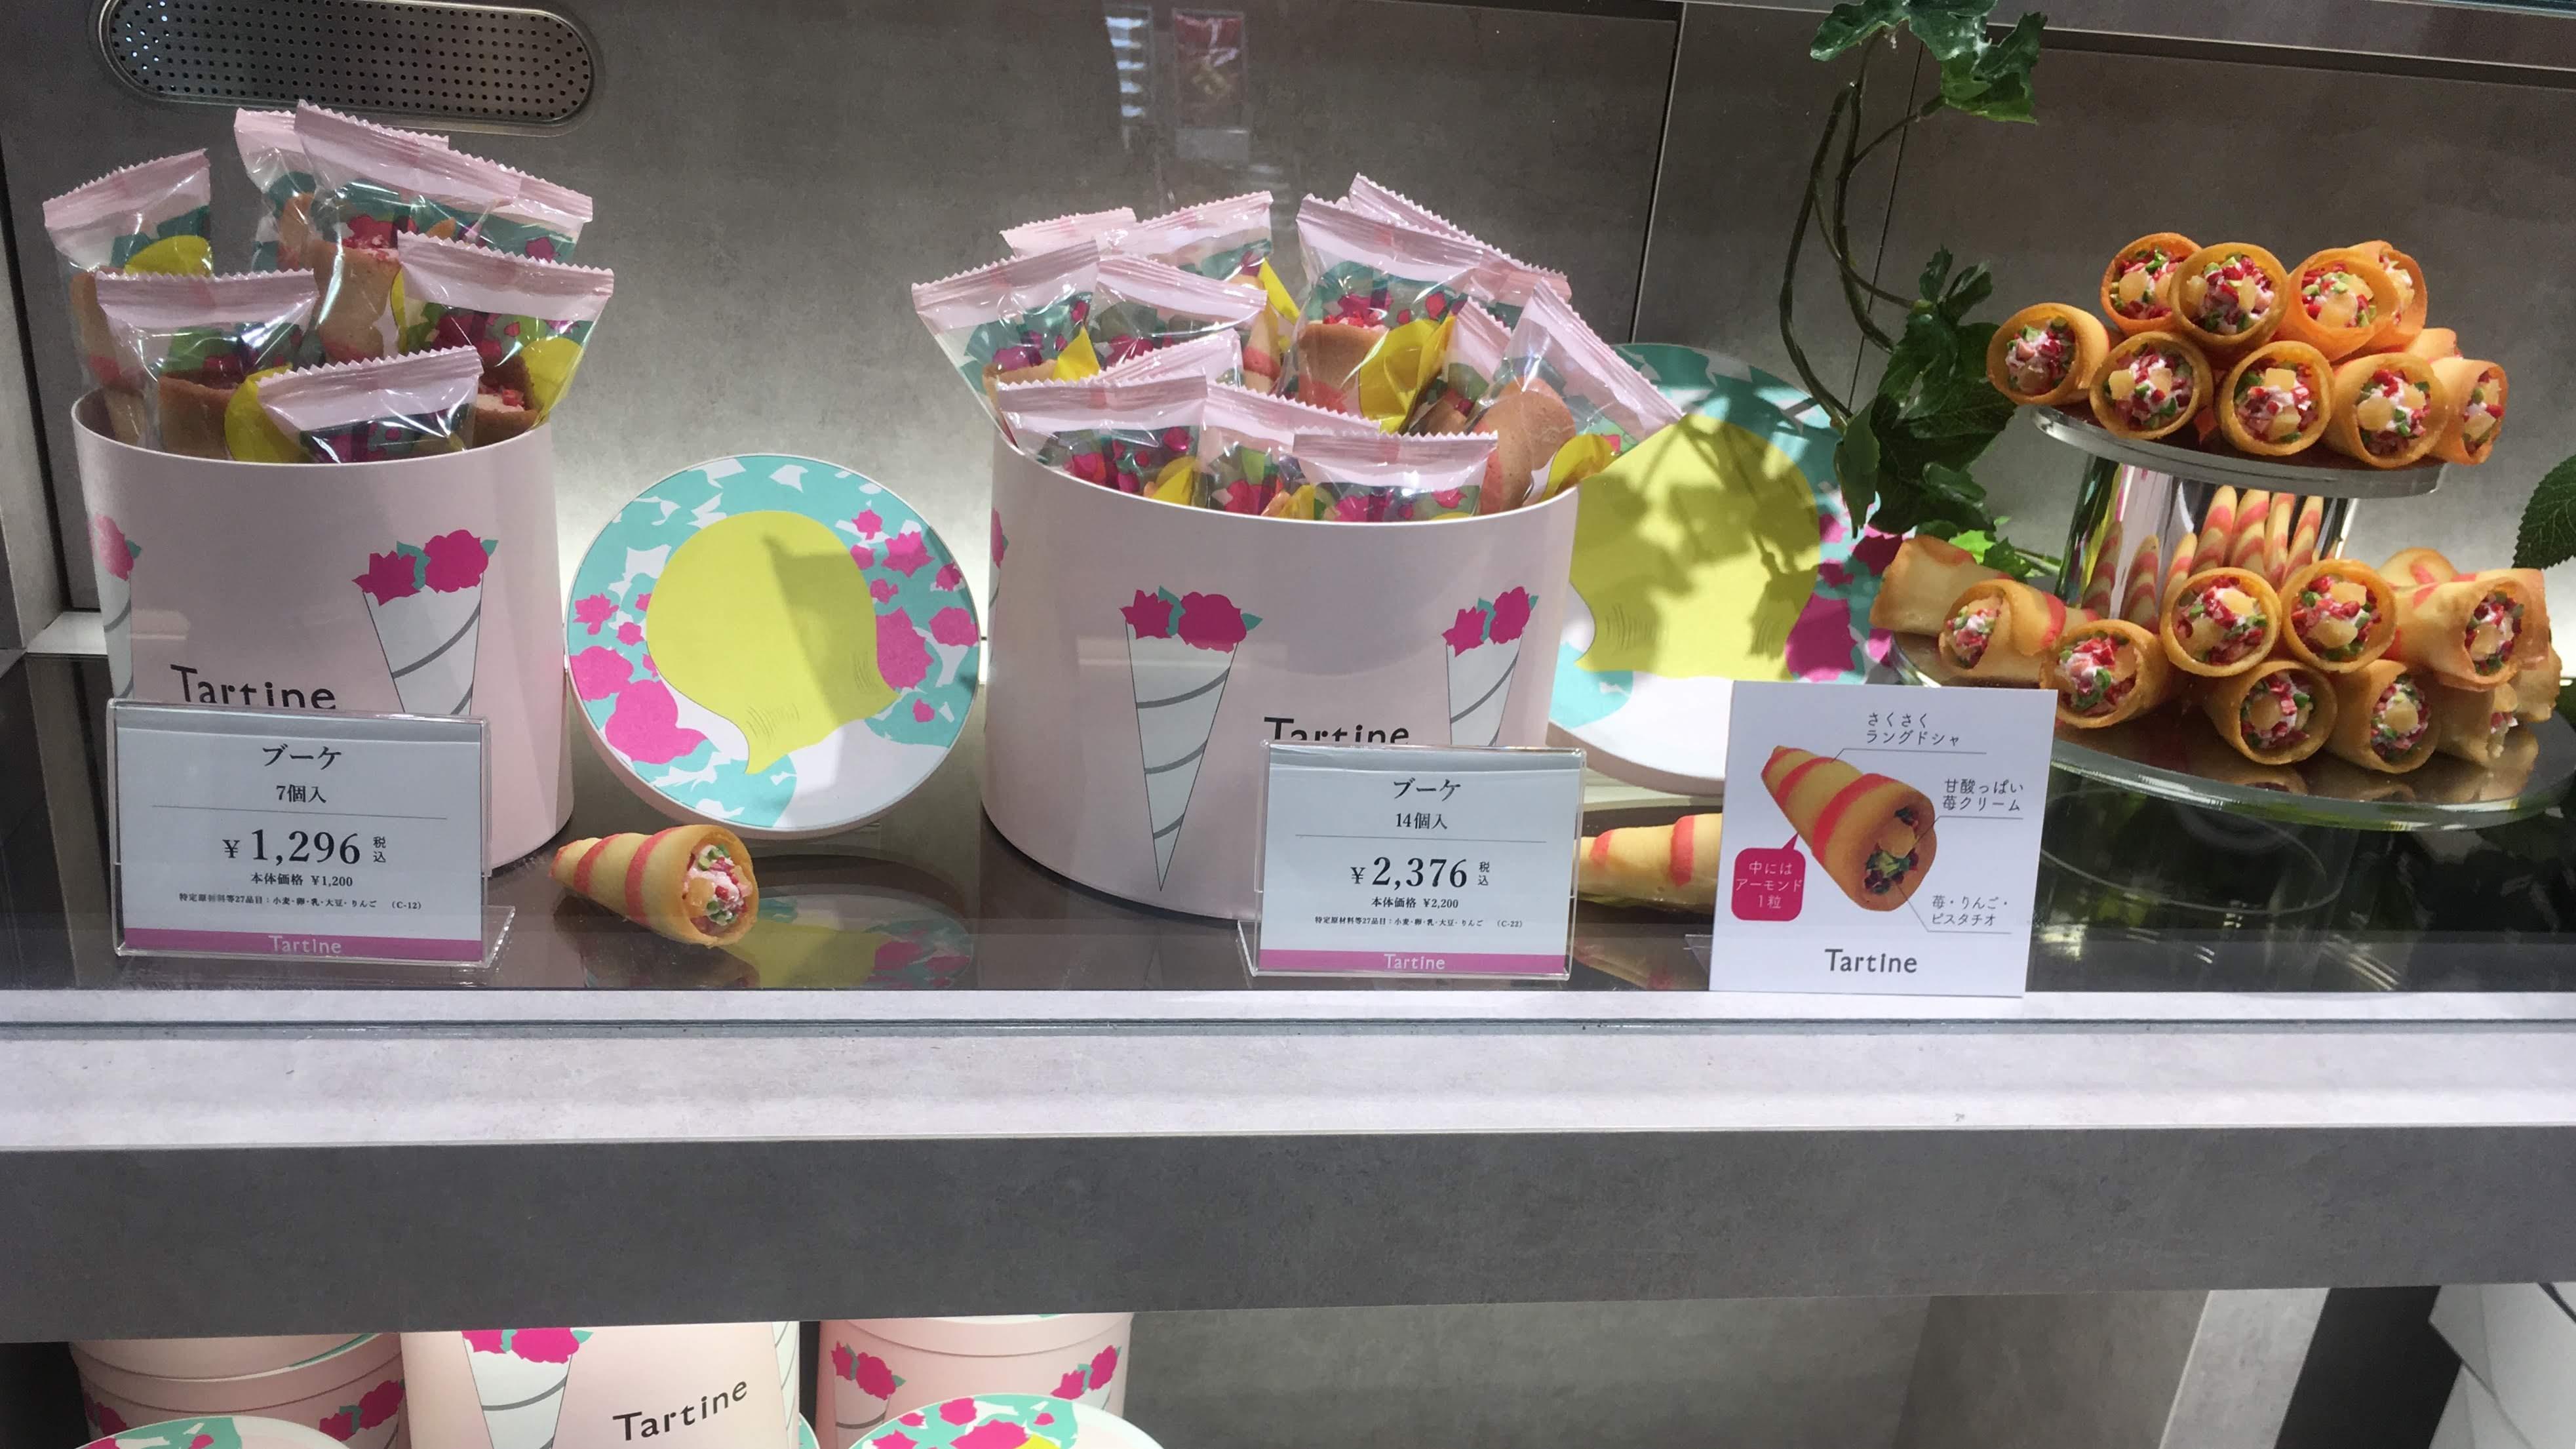 タルティン(Tartine)の季節限定お菓子ブーケのお菓子と箱